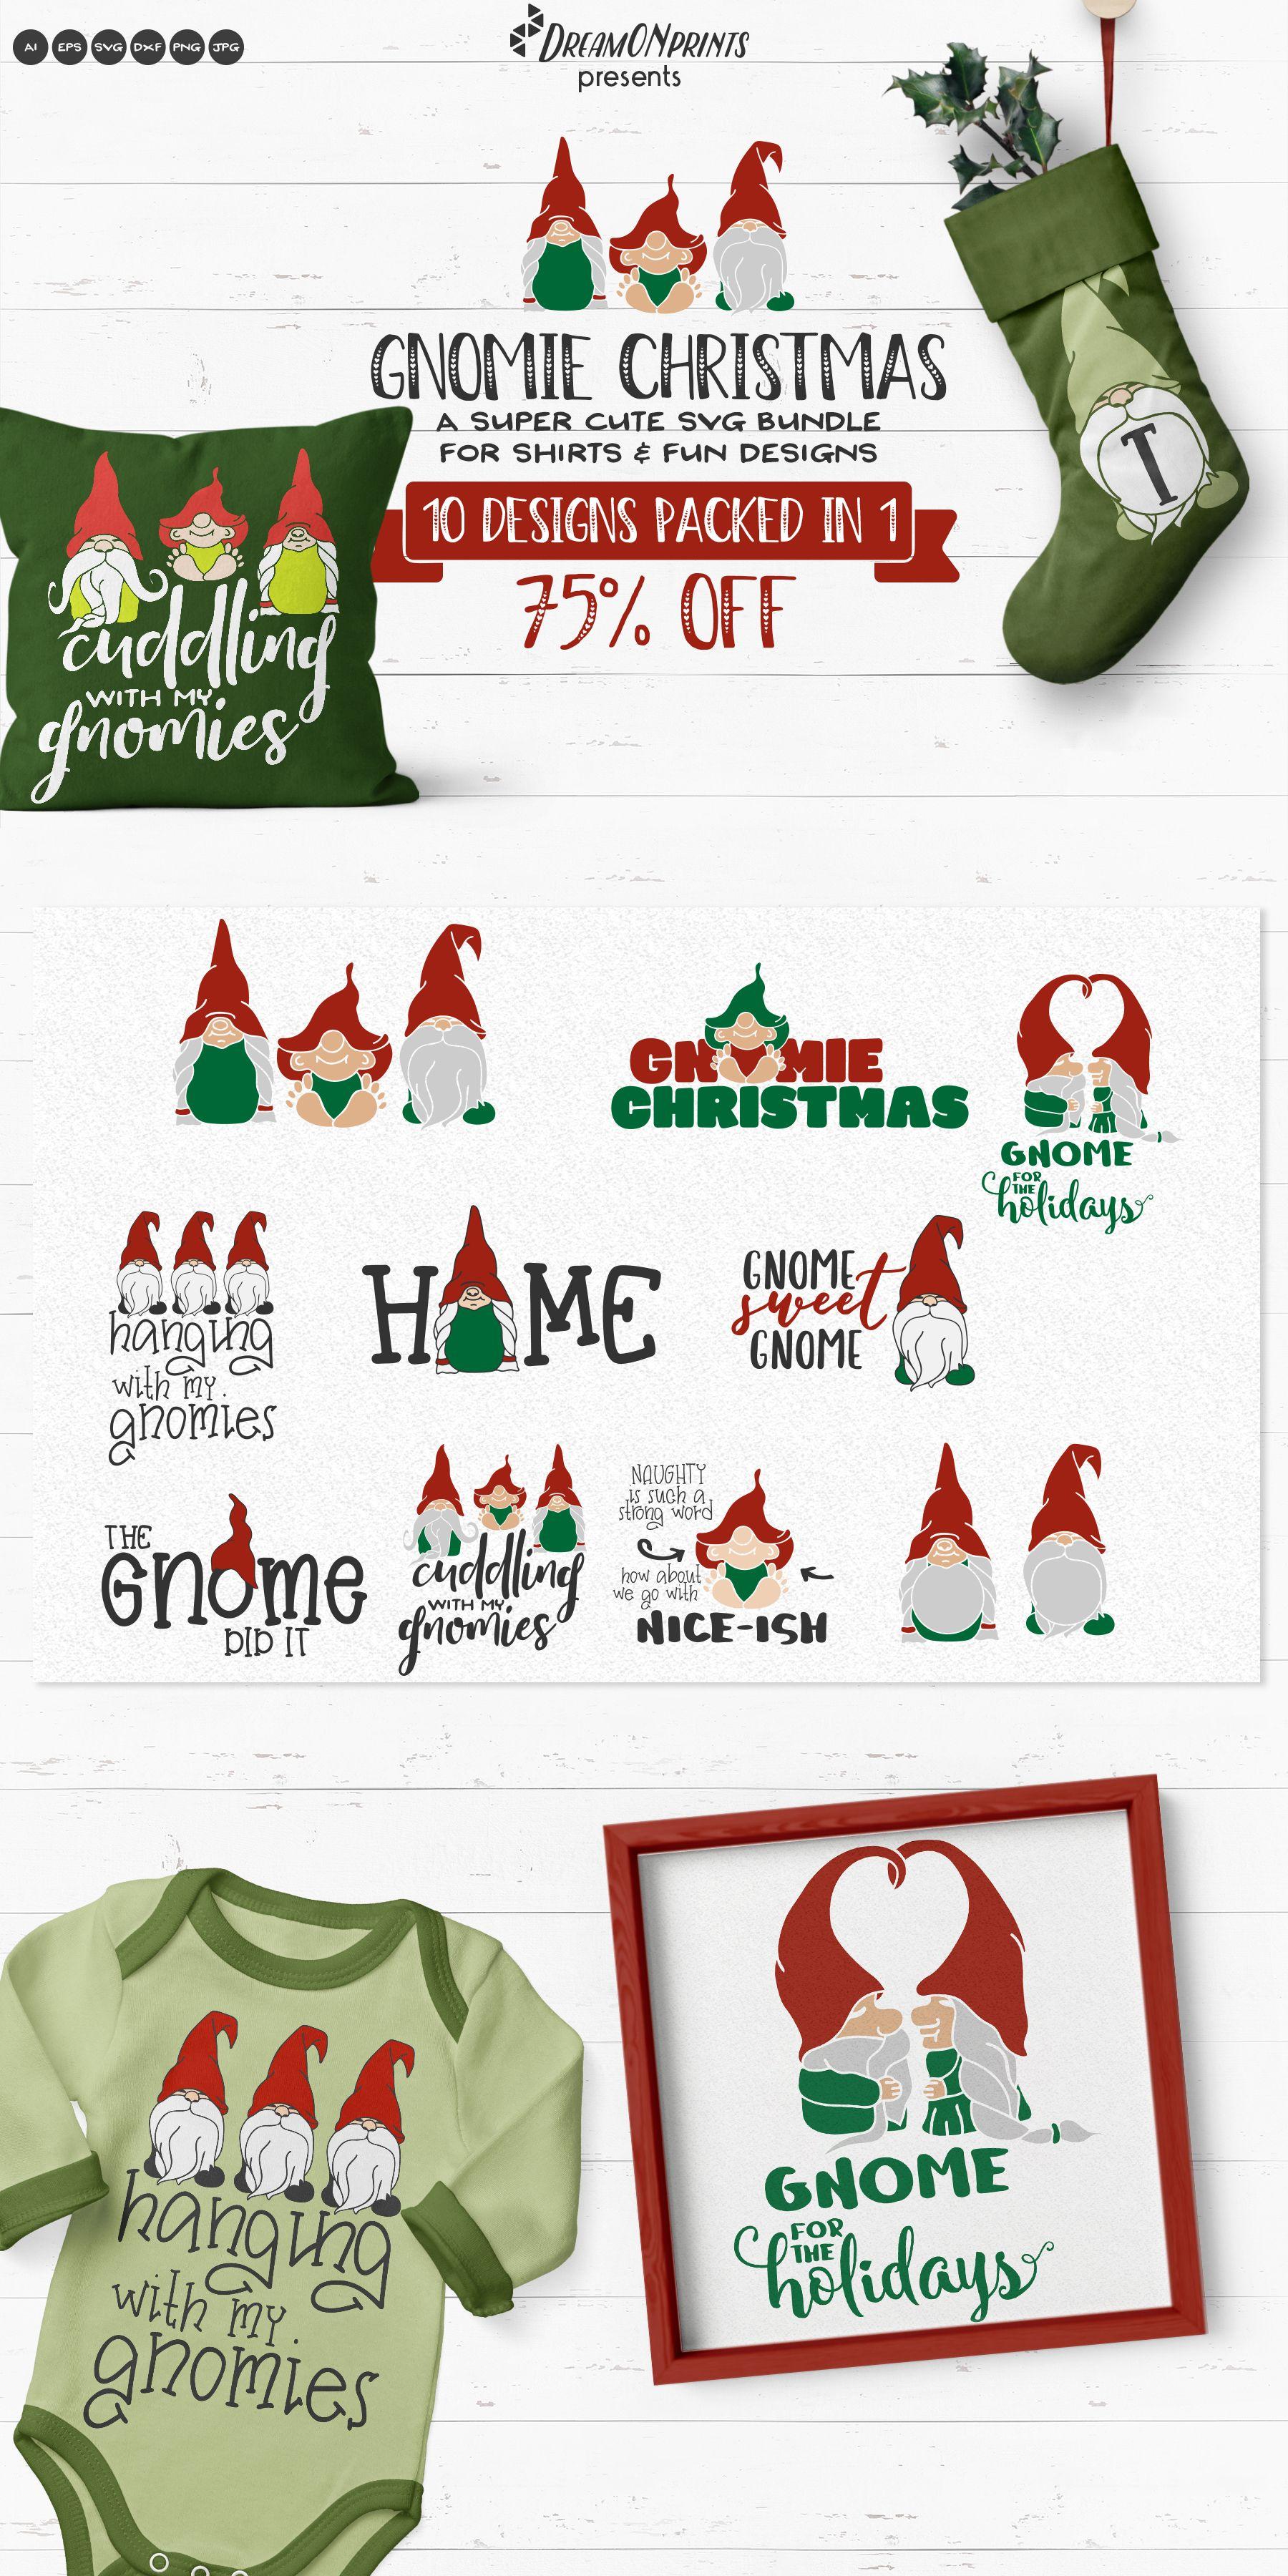 Download Ad Gnome Christmas Funny Christmas Svg Bundle Gnomes Gnomesvg Svg Svgbundle Christmassvg Christmas Humor Christmas Svg Gnomes